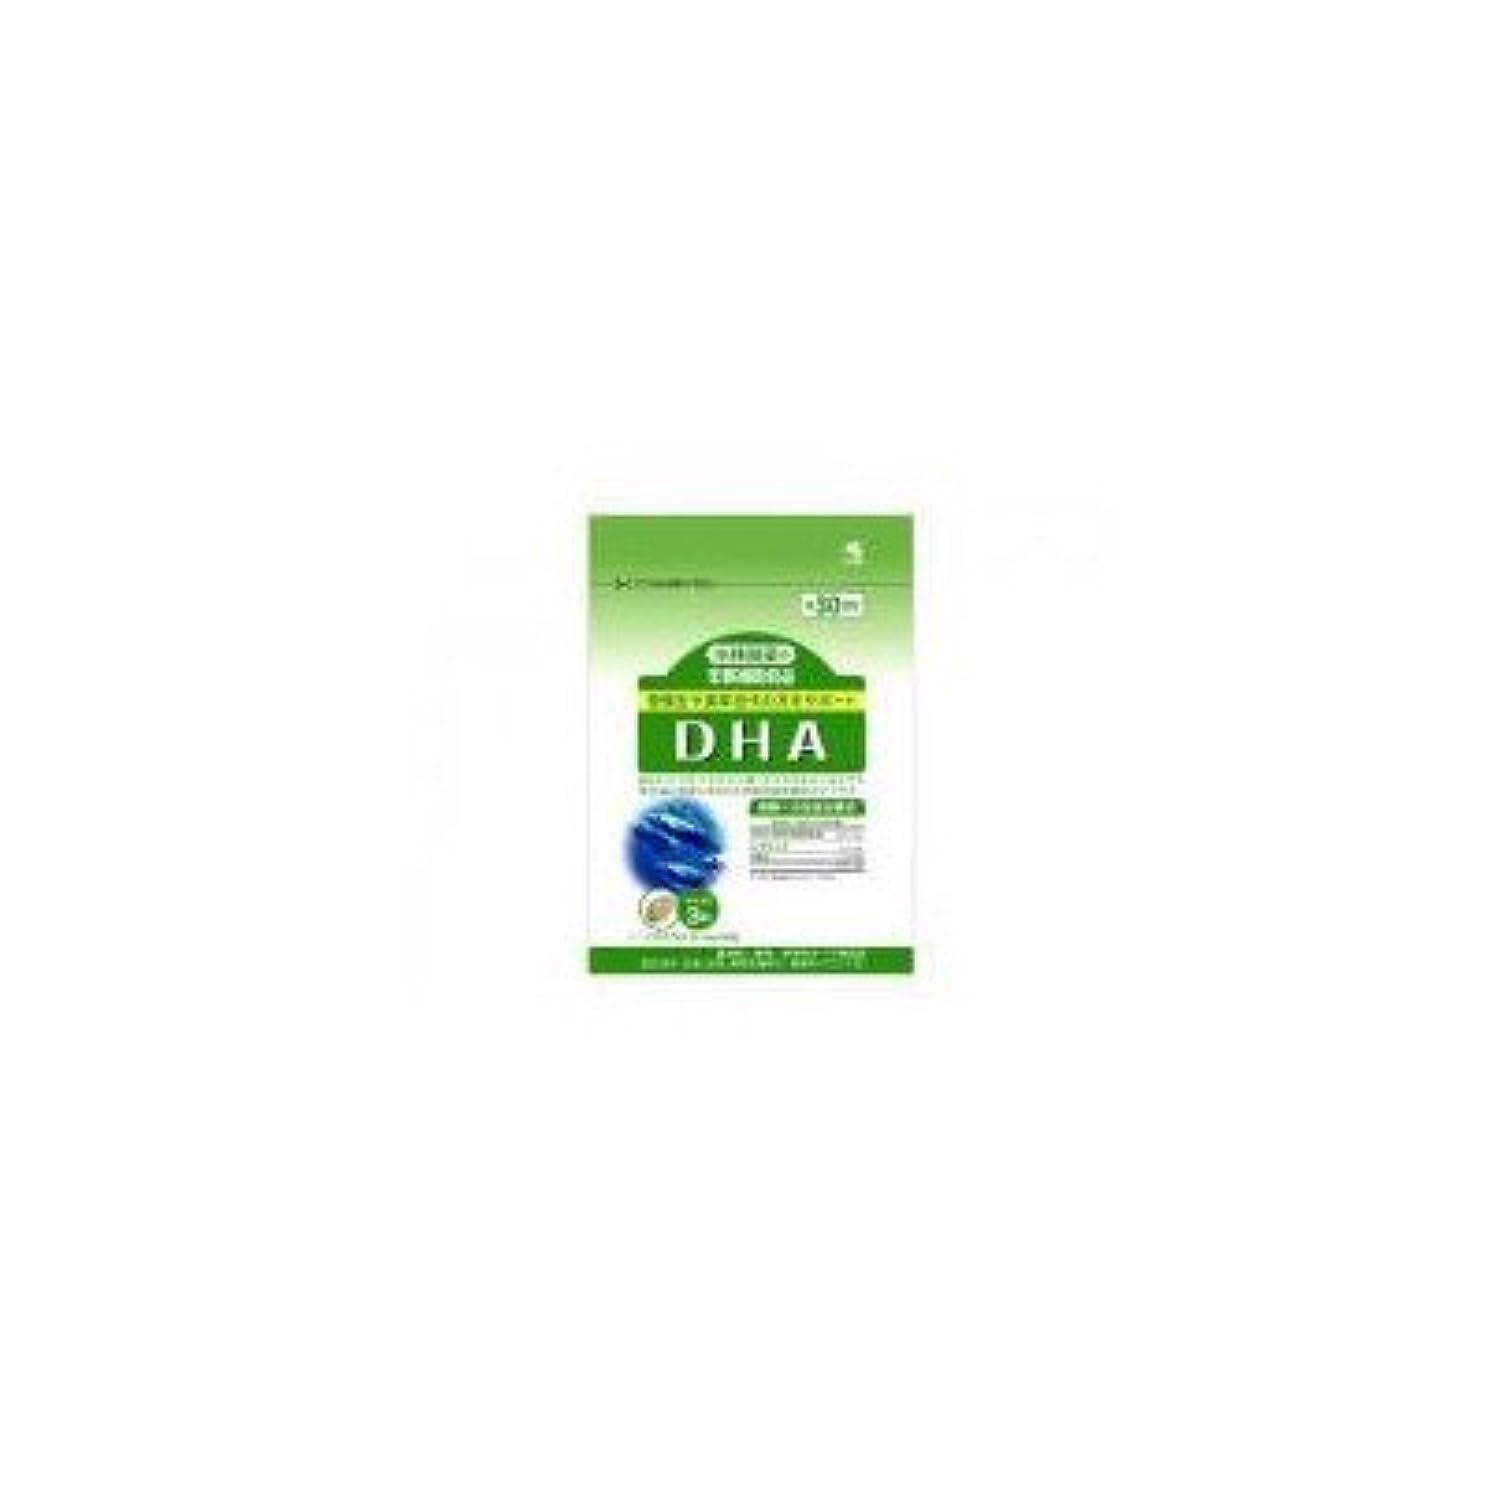 カセットハブブ資源小林製薬の栄養補助食品 DHA(90粒 約30日分) 4セット